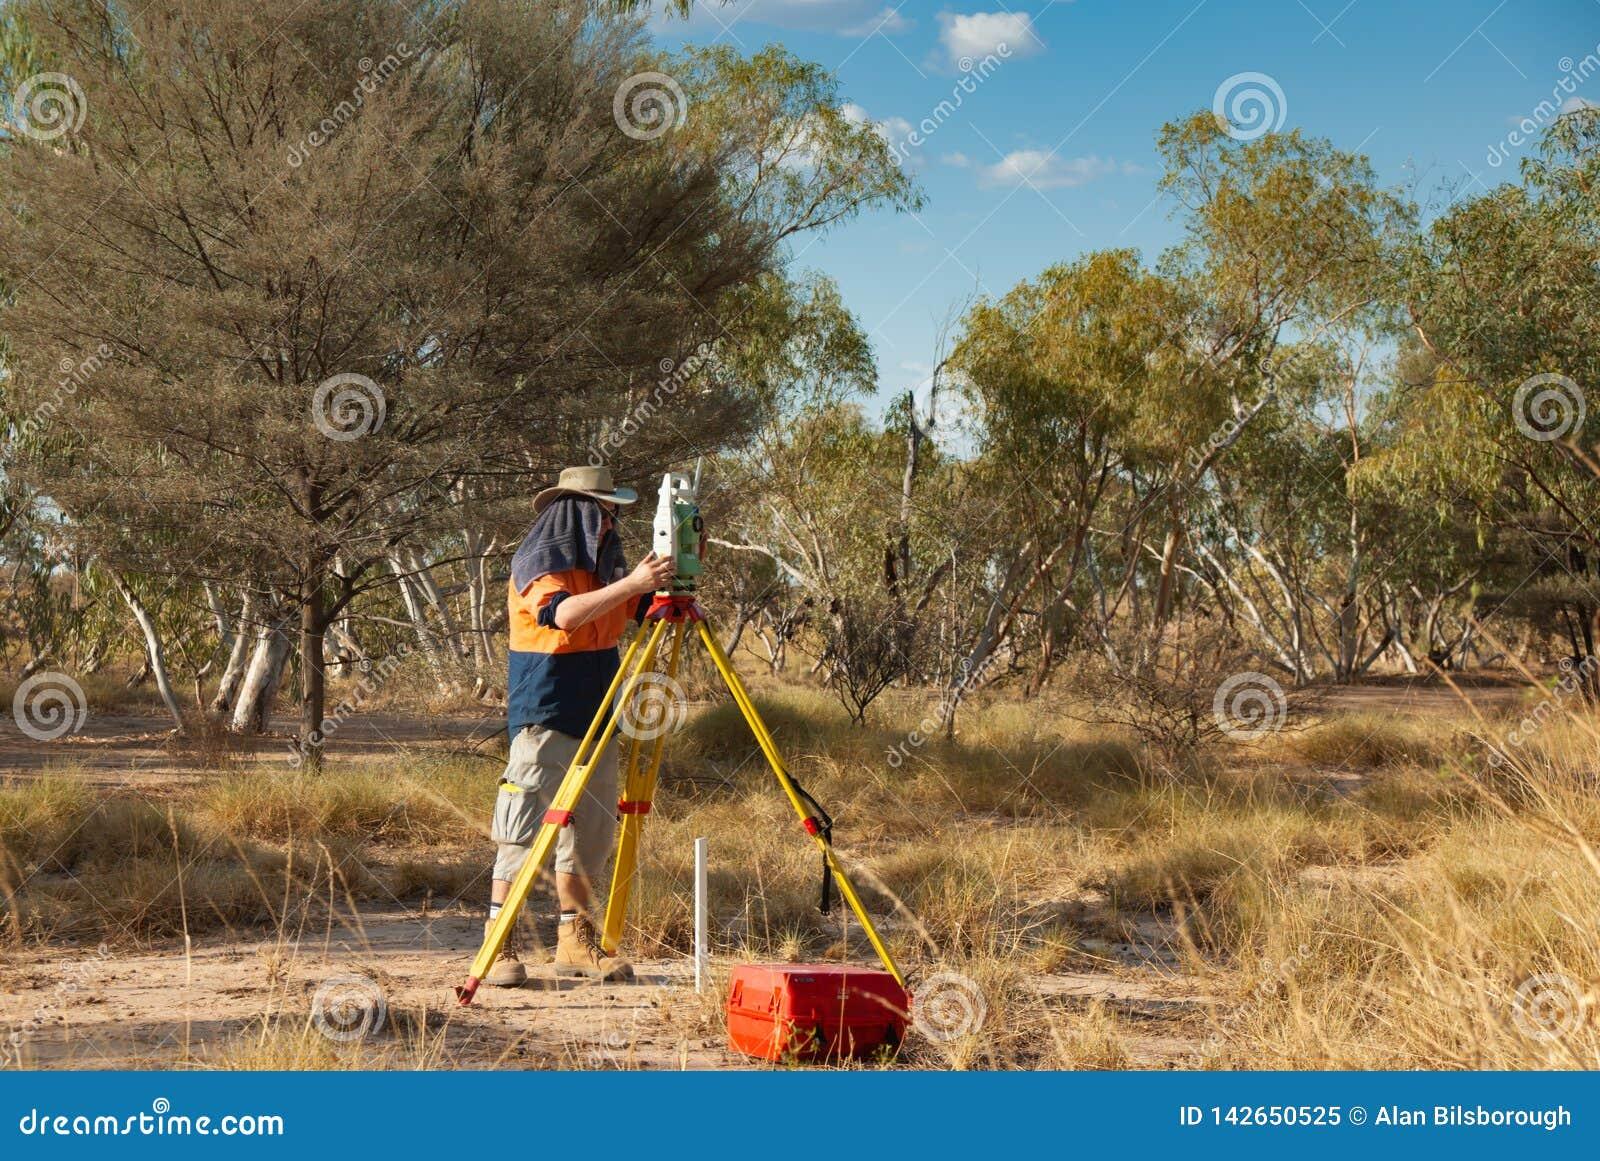 Landlandmeter die in het hete Australische binnenland werken